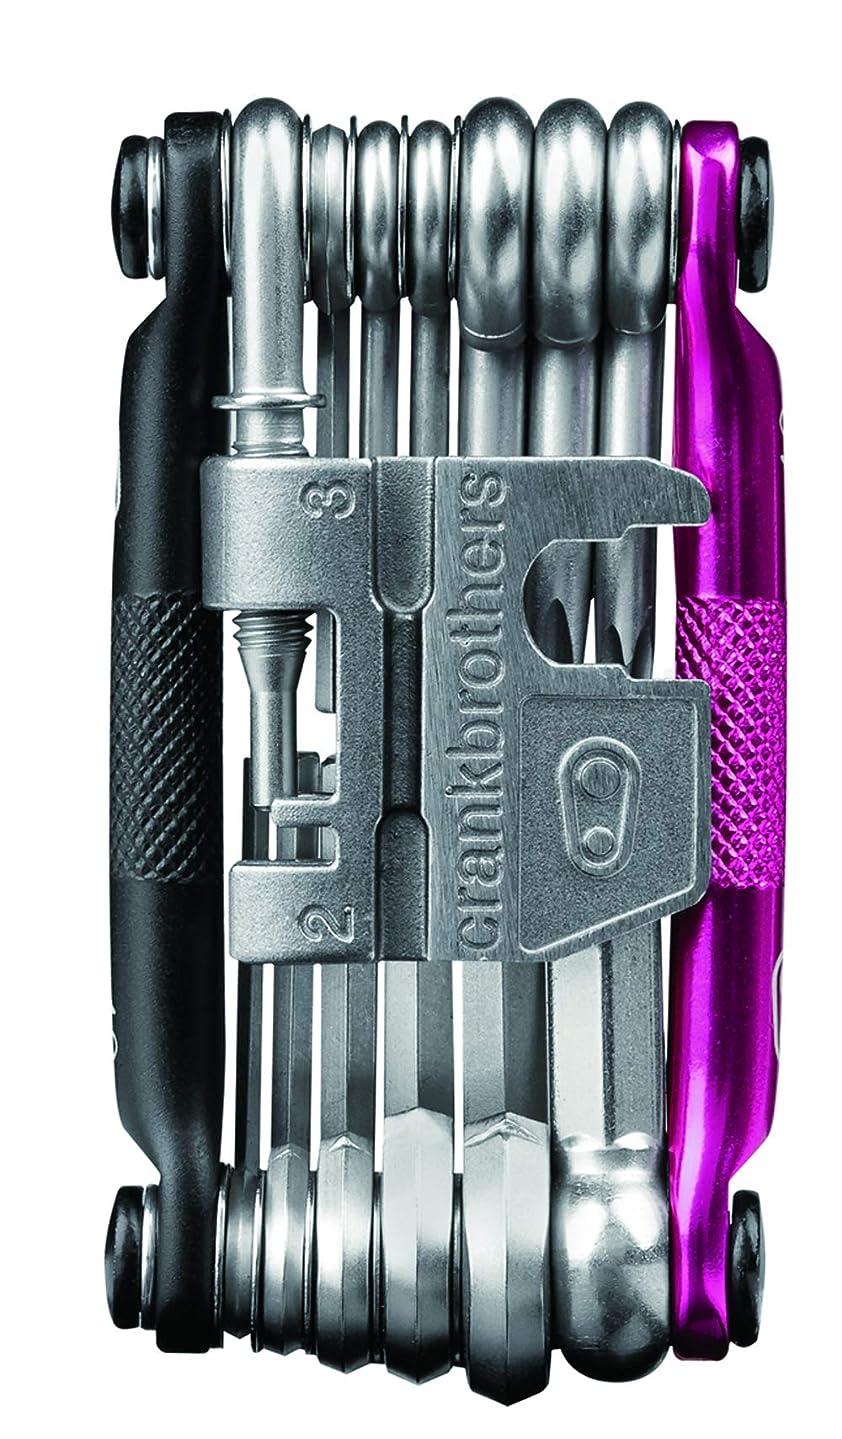 分類する理容室血crankbrothers(クランクブラザーズ) 自転車工具セット 多機能 メンテナンス 修理ツール 携帯工具 マルチ-19